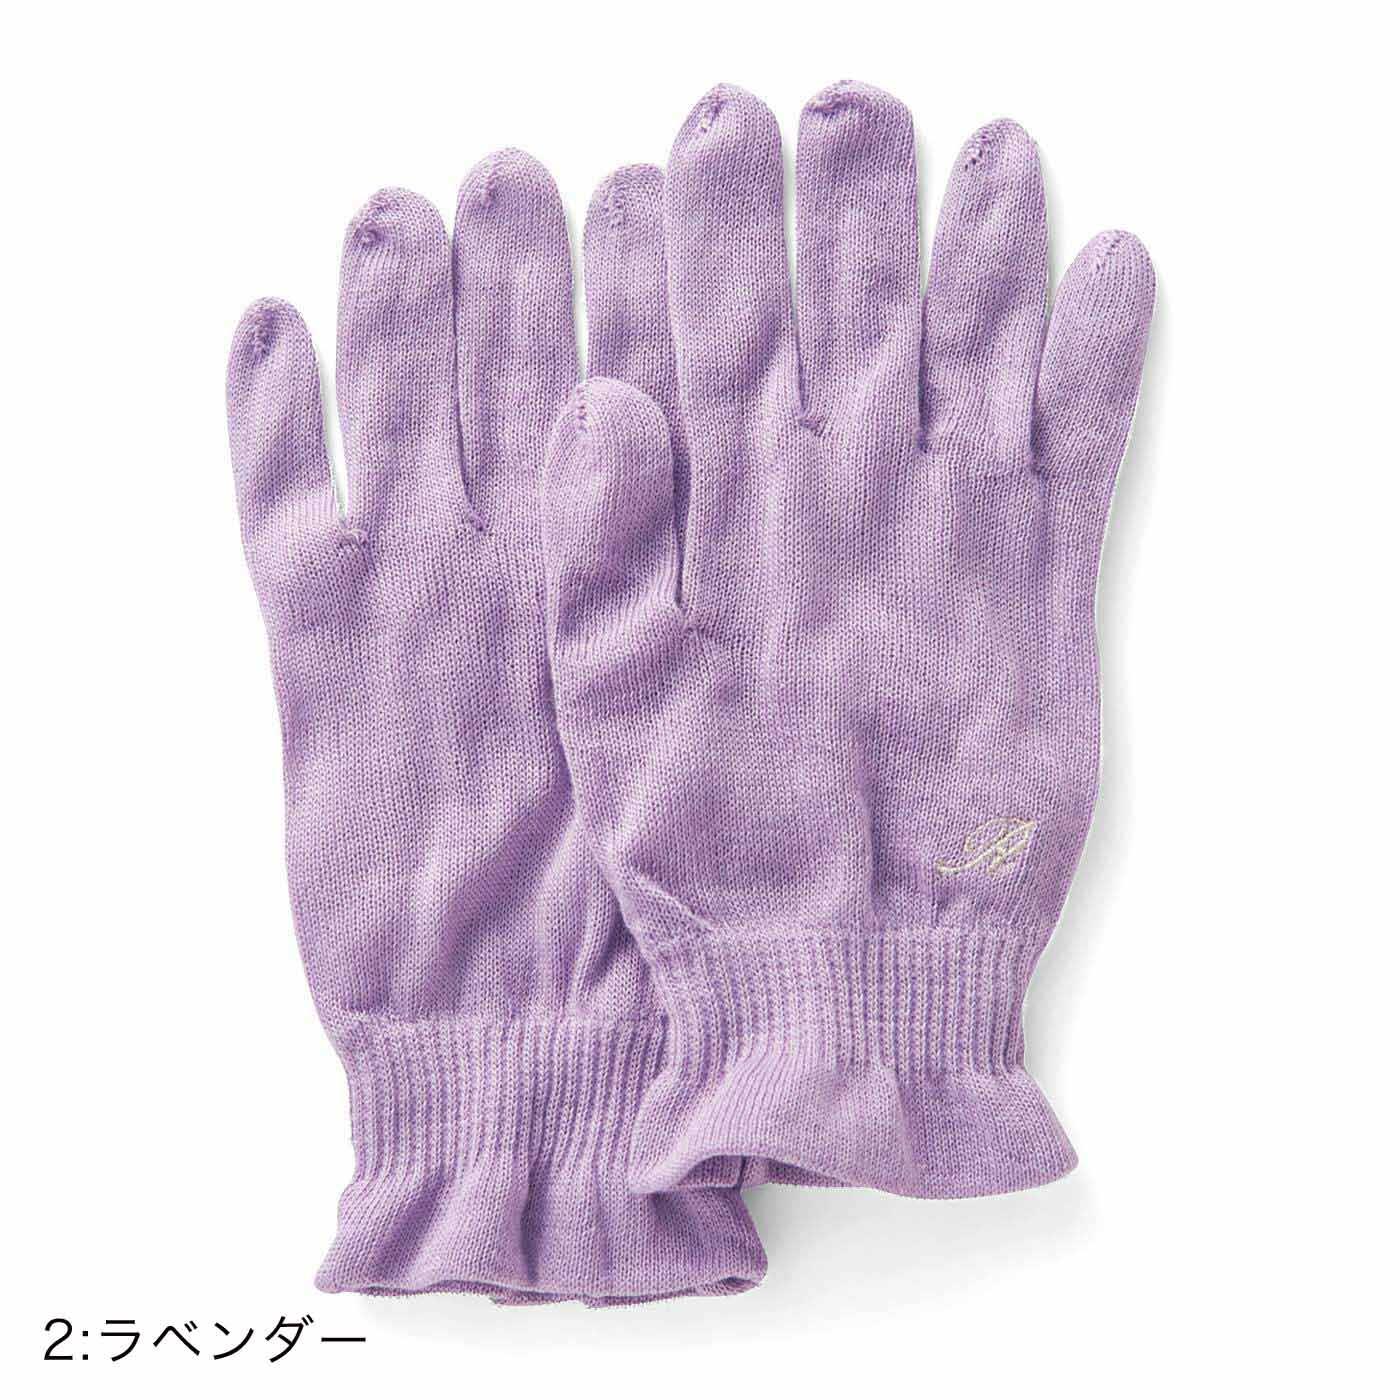 手首はフィットしやすく、締め付けない幅広リブ仕様です。フランス語で「Reve(夢)」の頭文字を刺しゅうで表現。